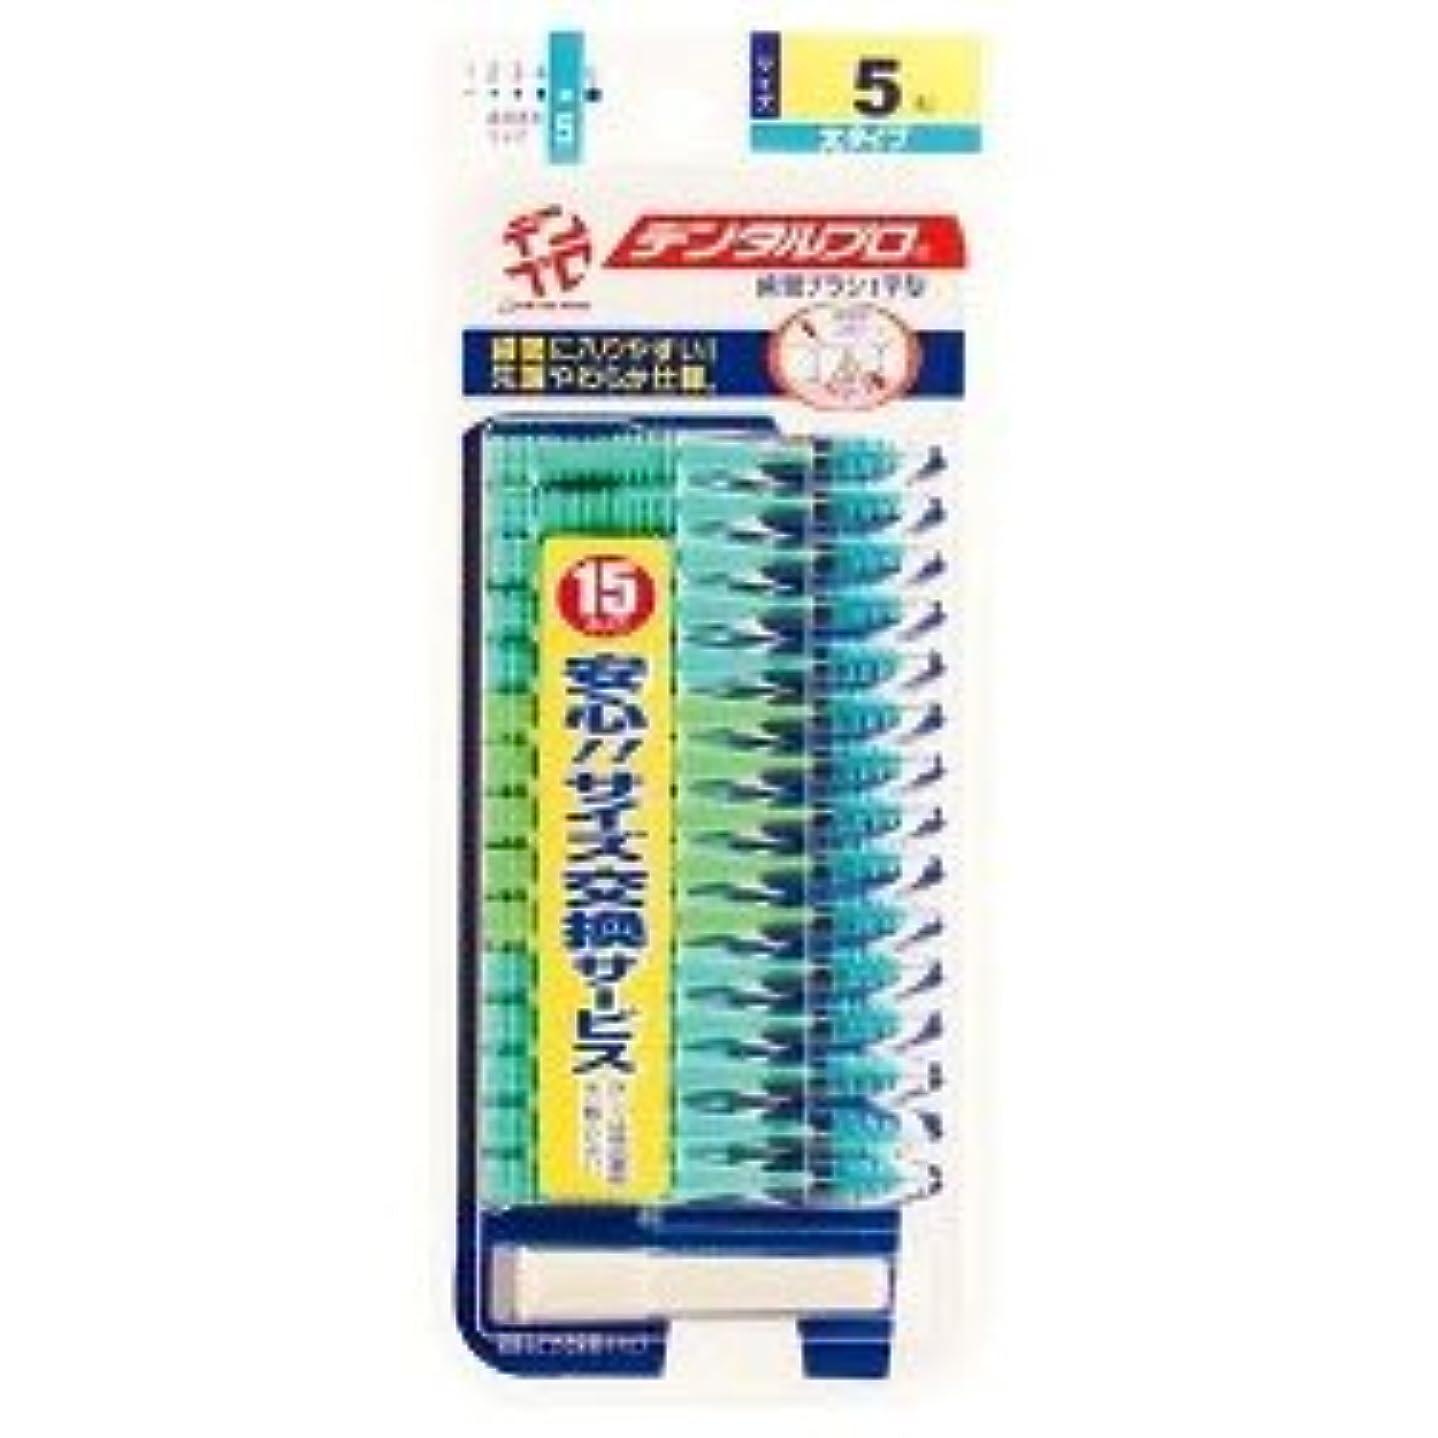 作成者皿周辺【デンタルプロ】デンタルプロ 歯間ブラシ サイズ5-L 15本入 ×10個セット